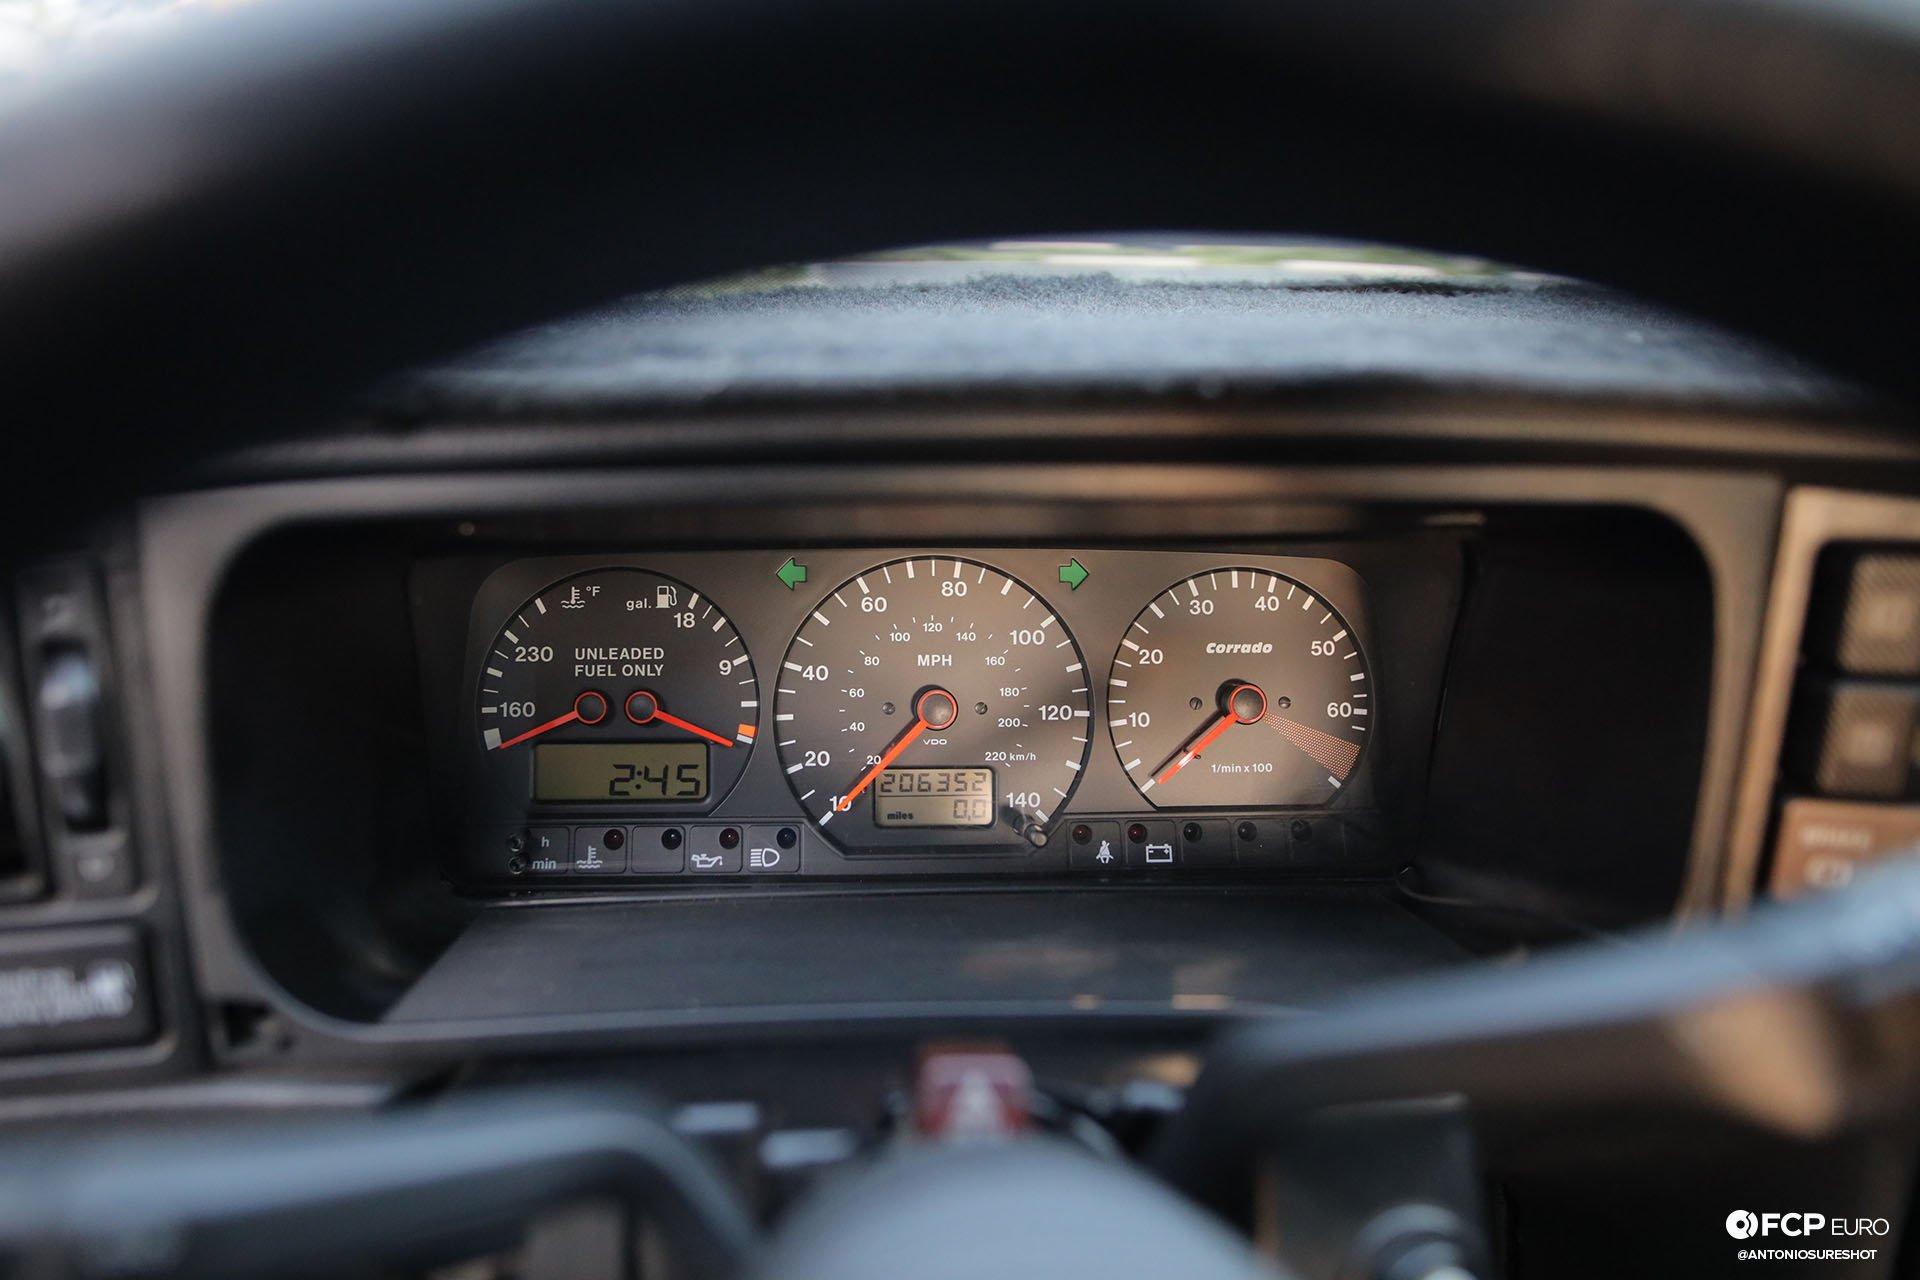 VW Corrado R32 Gauge Cluster